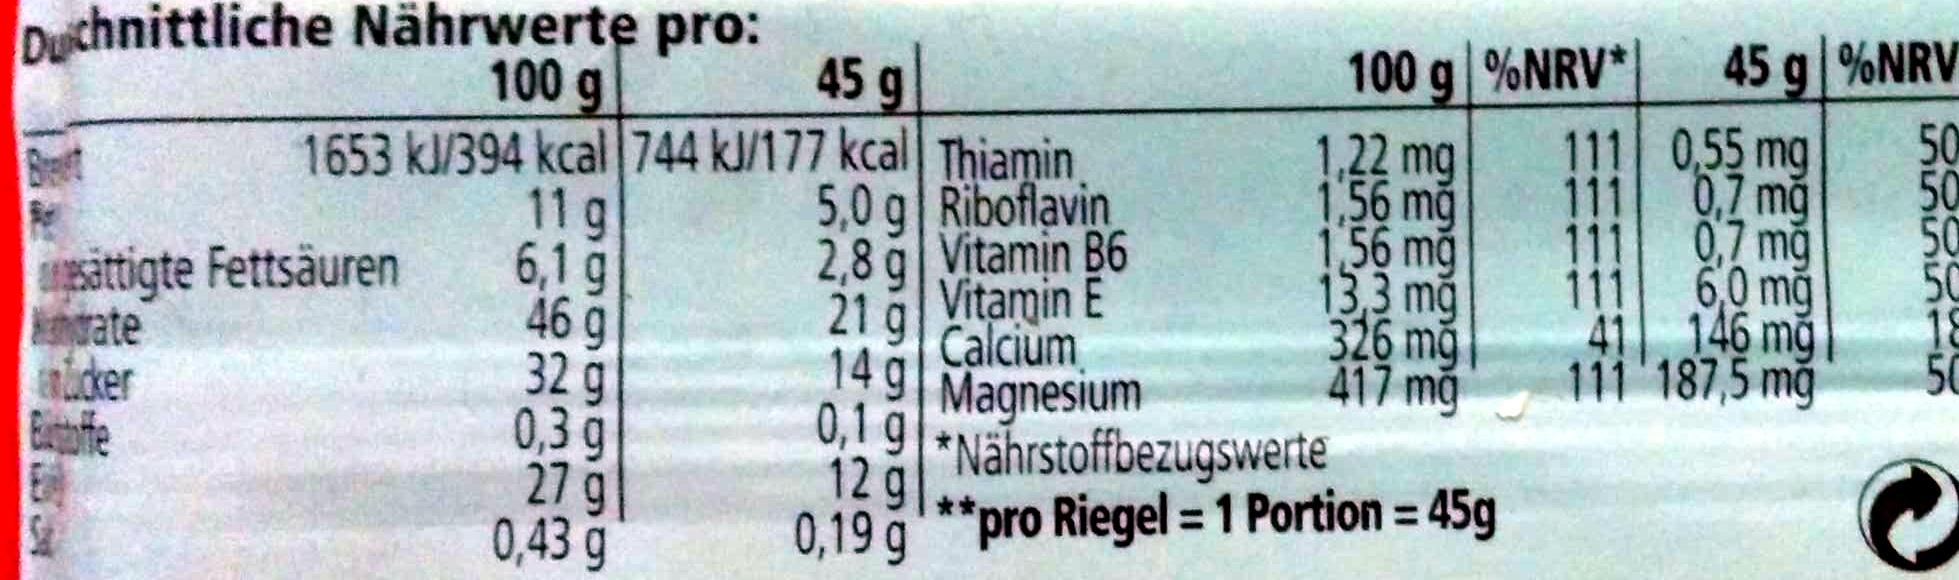 Muscle Protein Bar 27% - Nährwertangaben - de